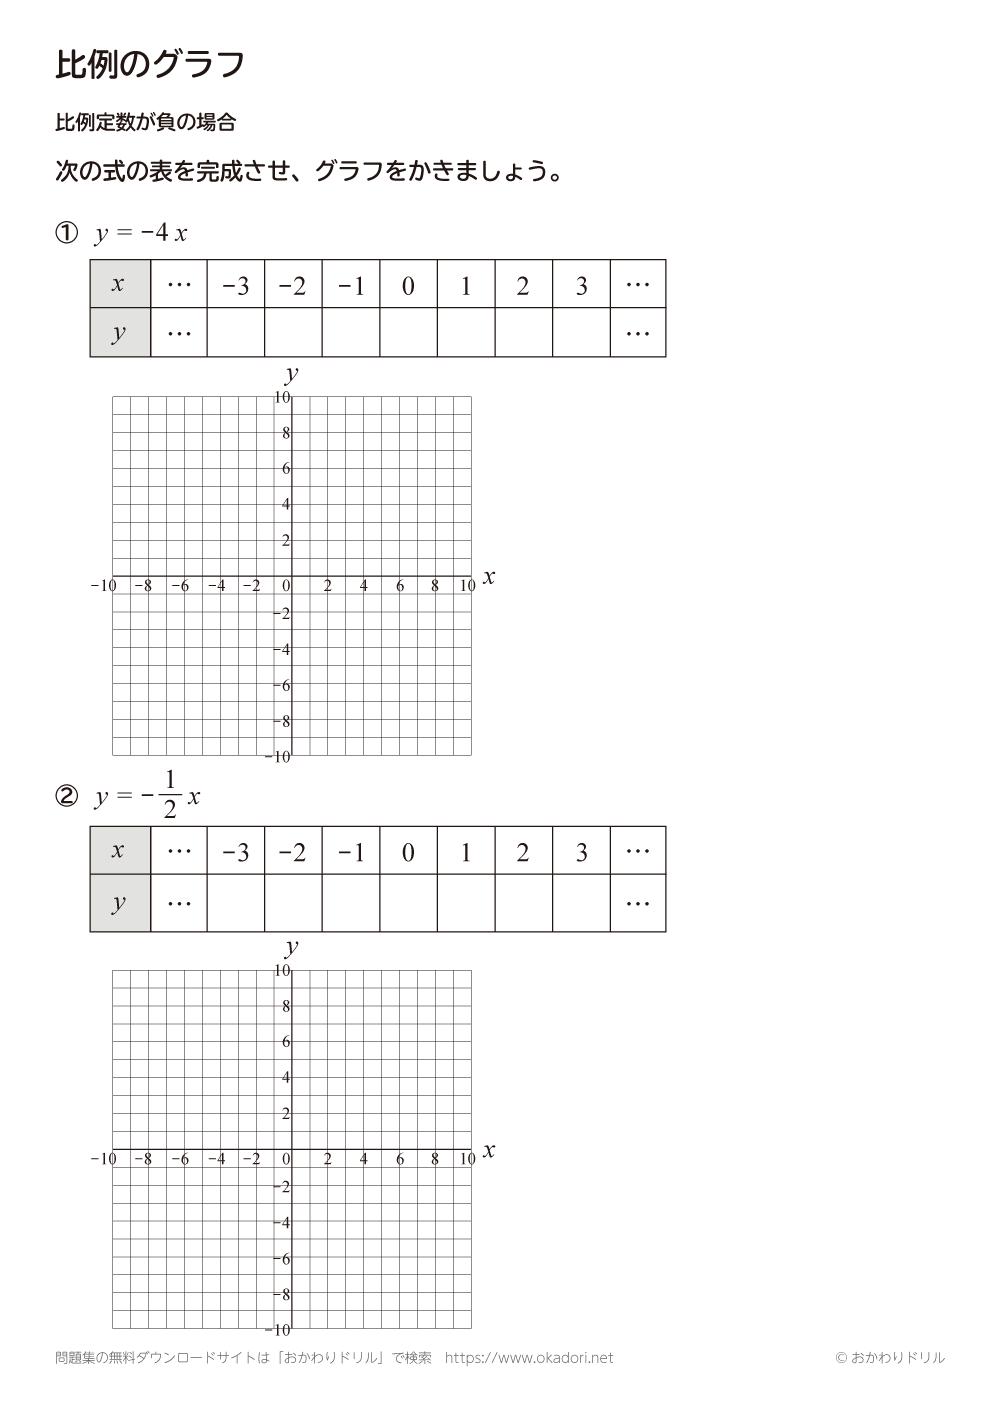 比例のグラフ:比例定数が負の場合6